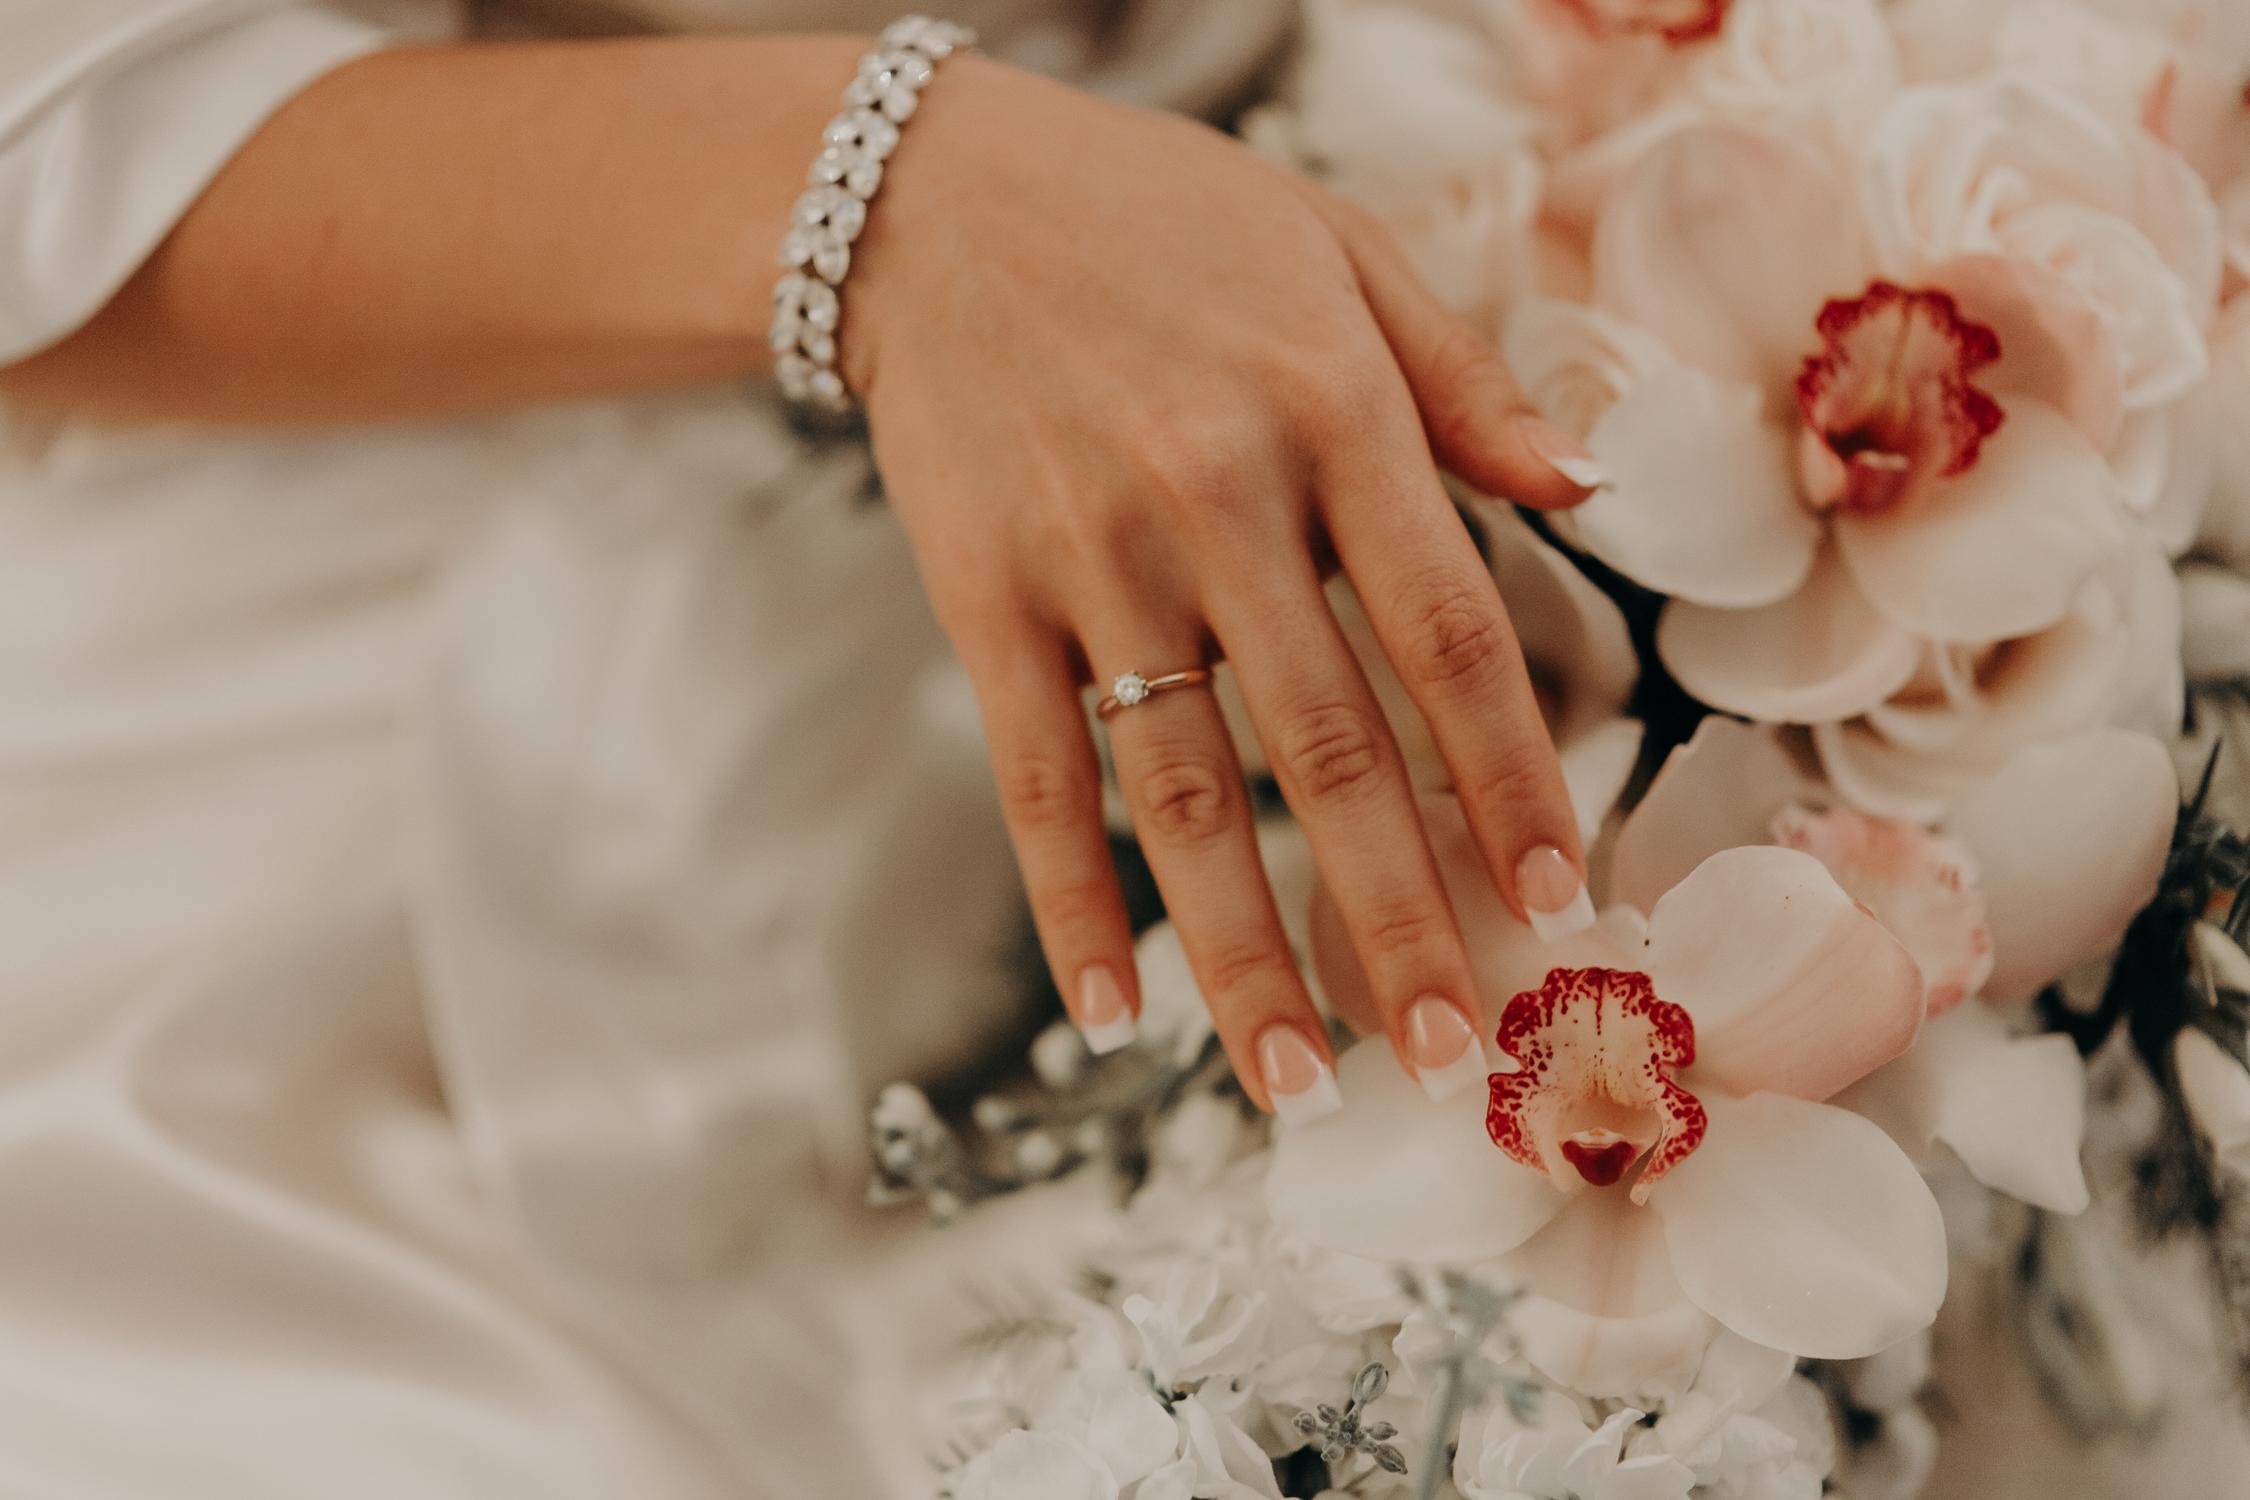 Michelle-Agurto-Fotografia-Bodas-Ecuador-Destination-Wedding-Photographer-Patricia-Guido-50.JPG